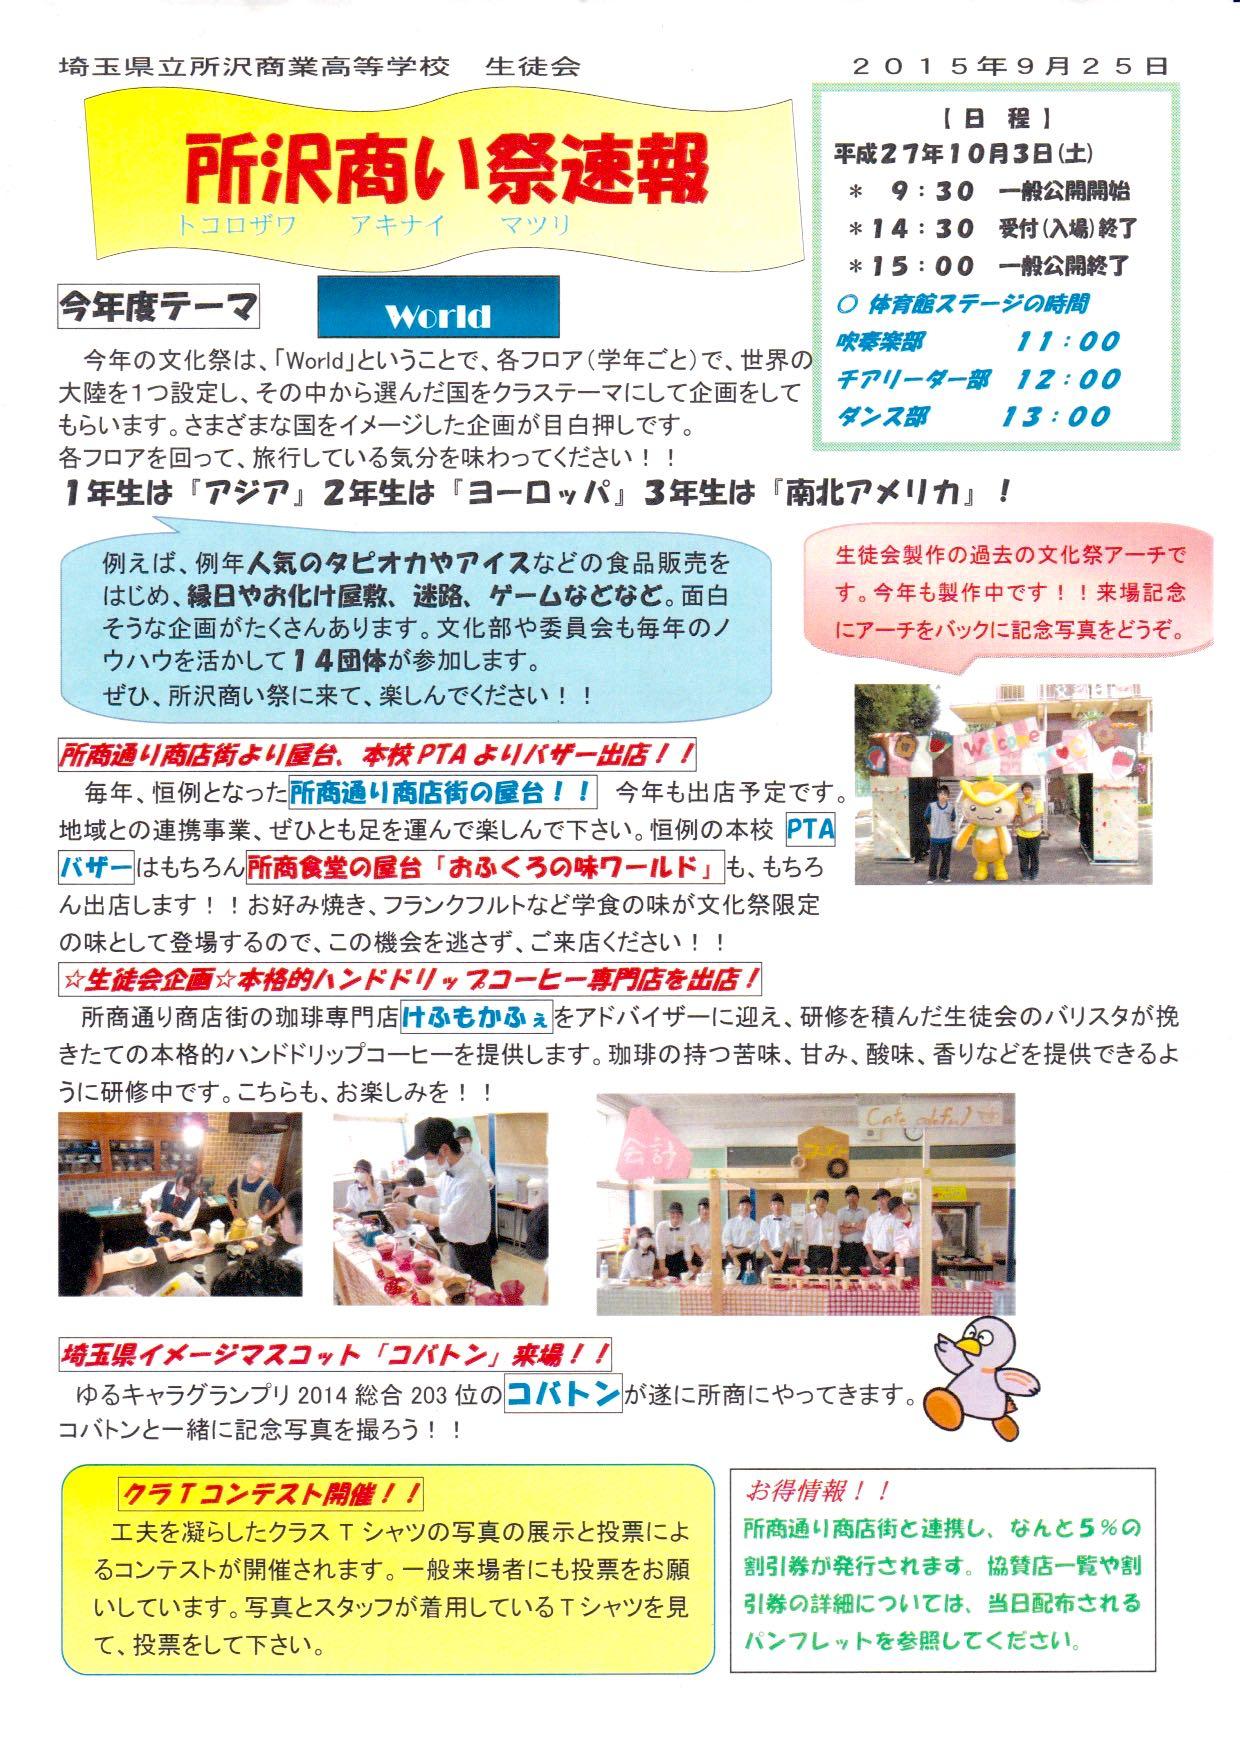 埼玉県立所沢商業高等学校